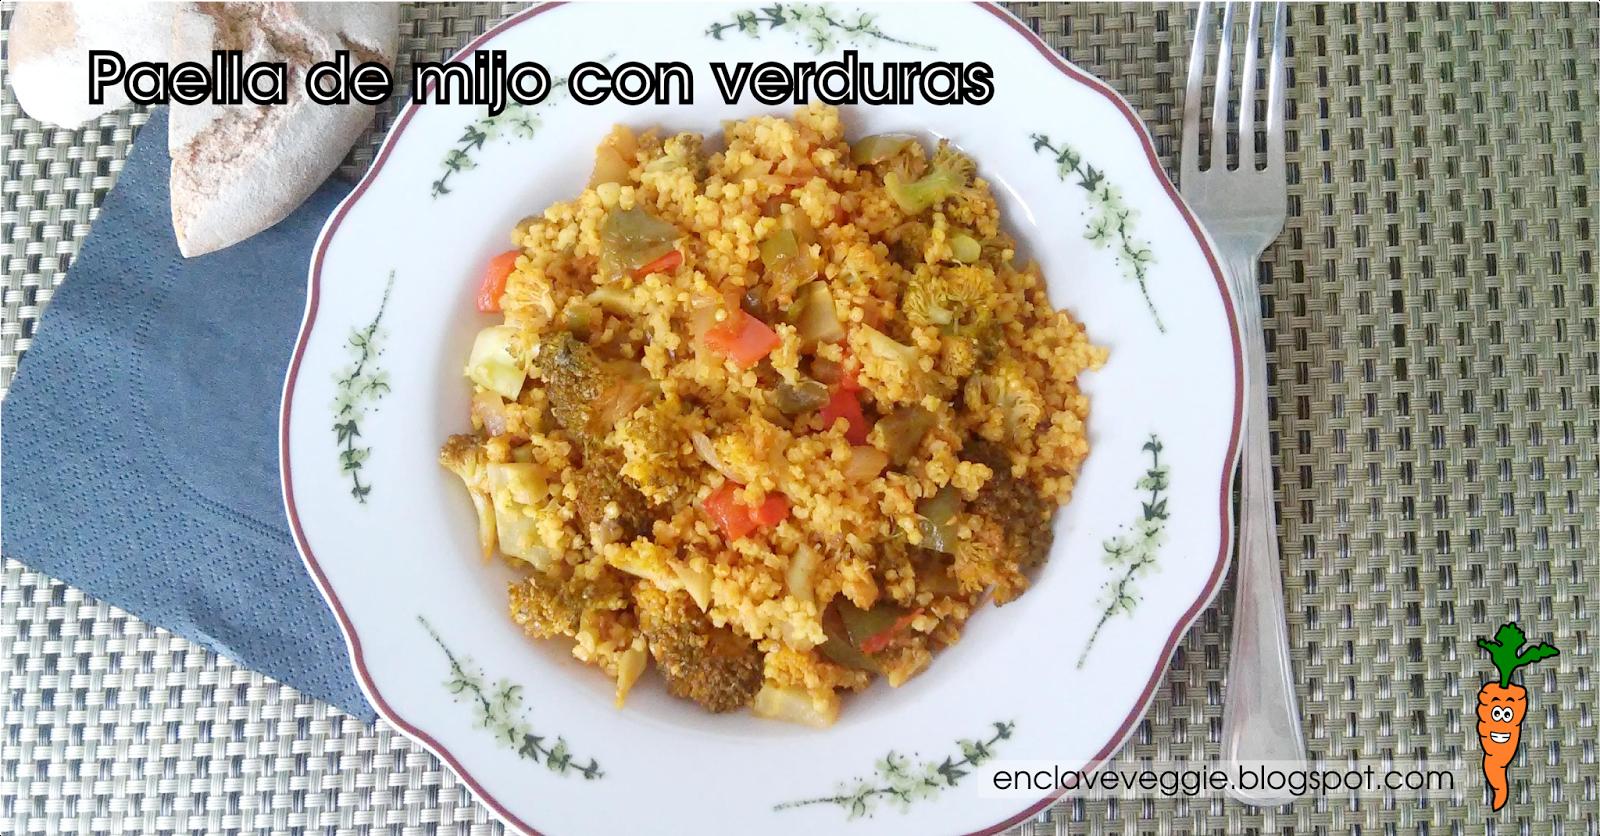 Paella Mijo Verduras